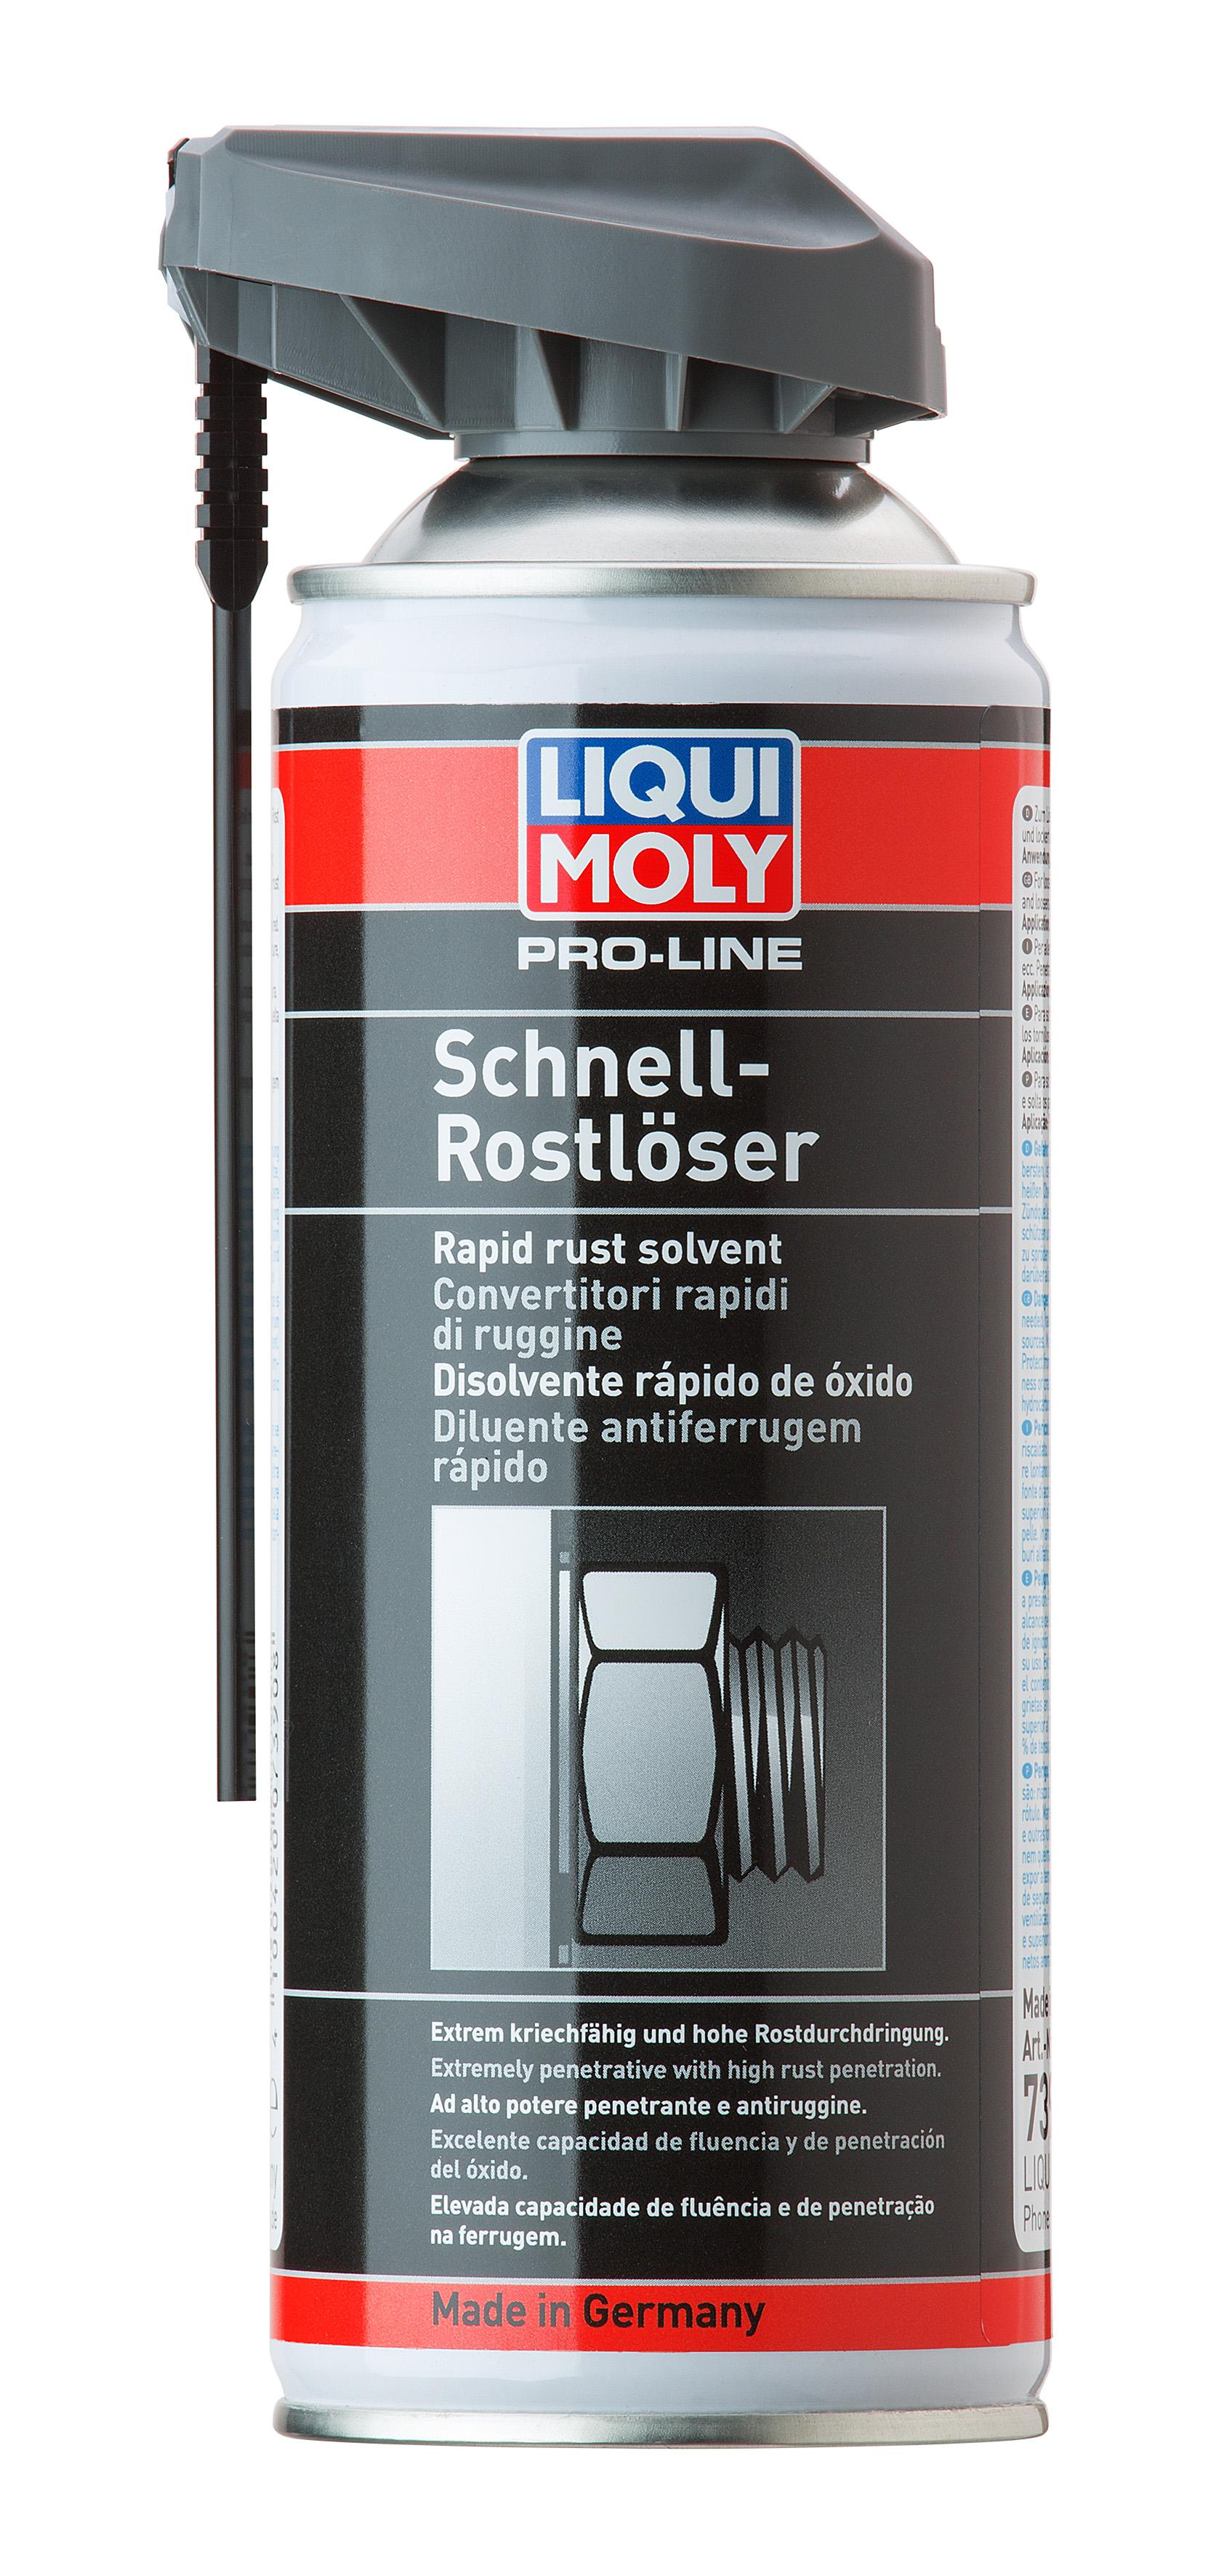 Растворитель ржавчины Pro-Line Schnell-Rostloser